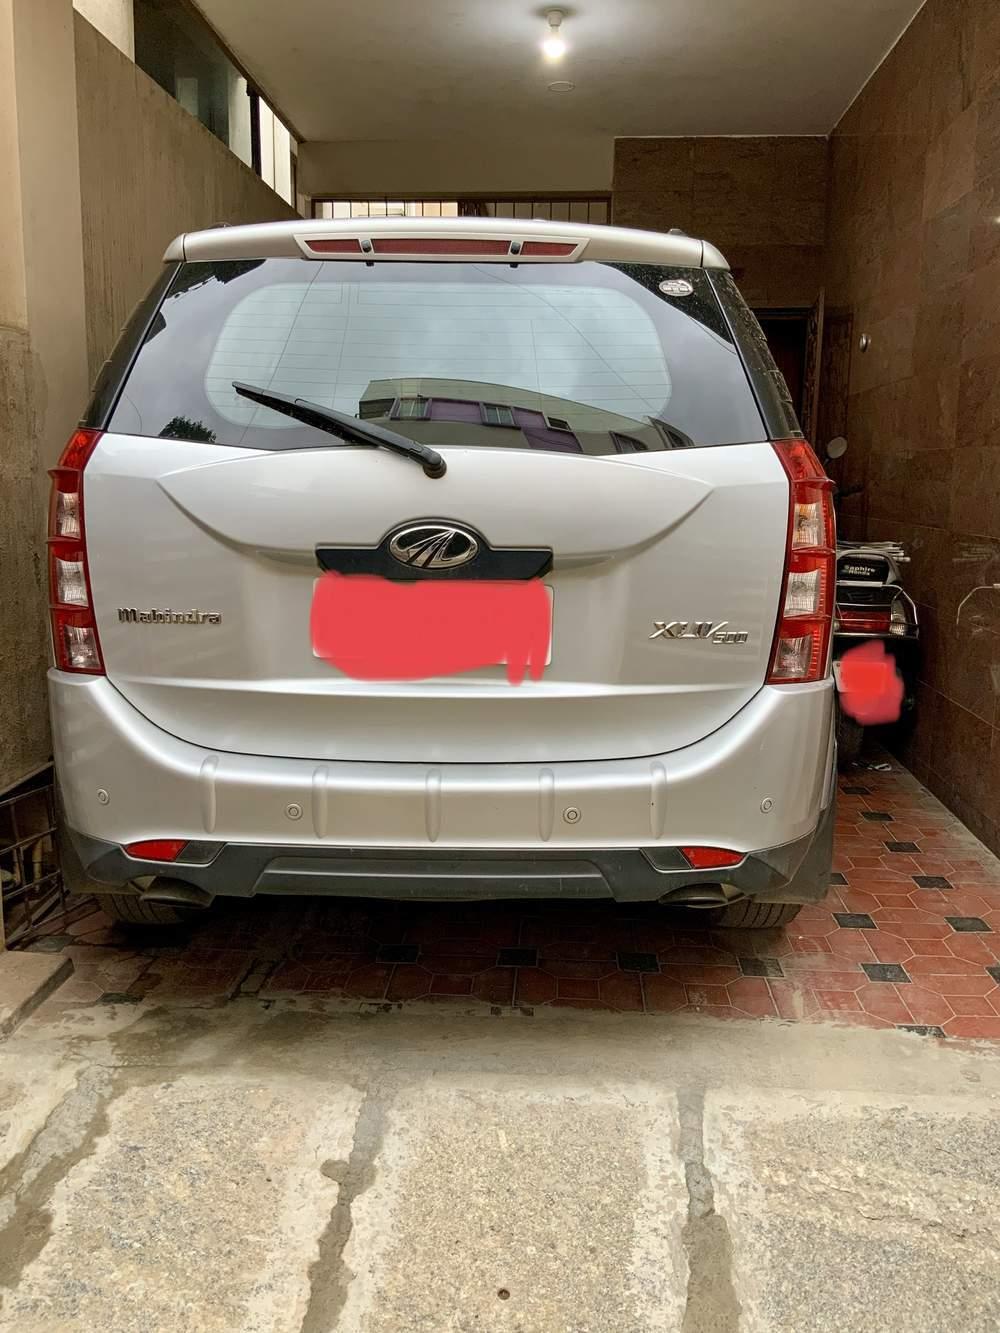 Mahindra Xuv500 Rear Left Rim